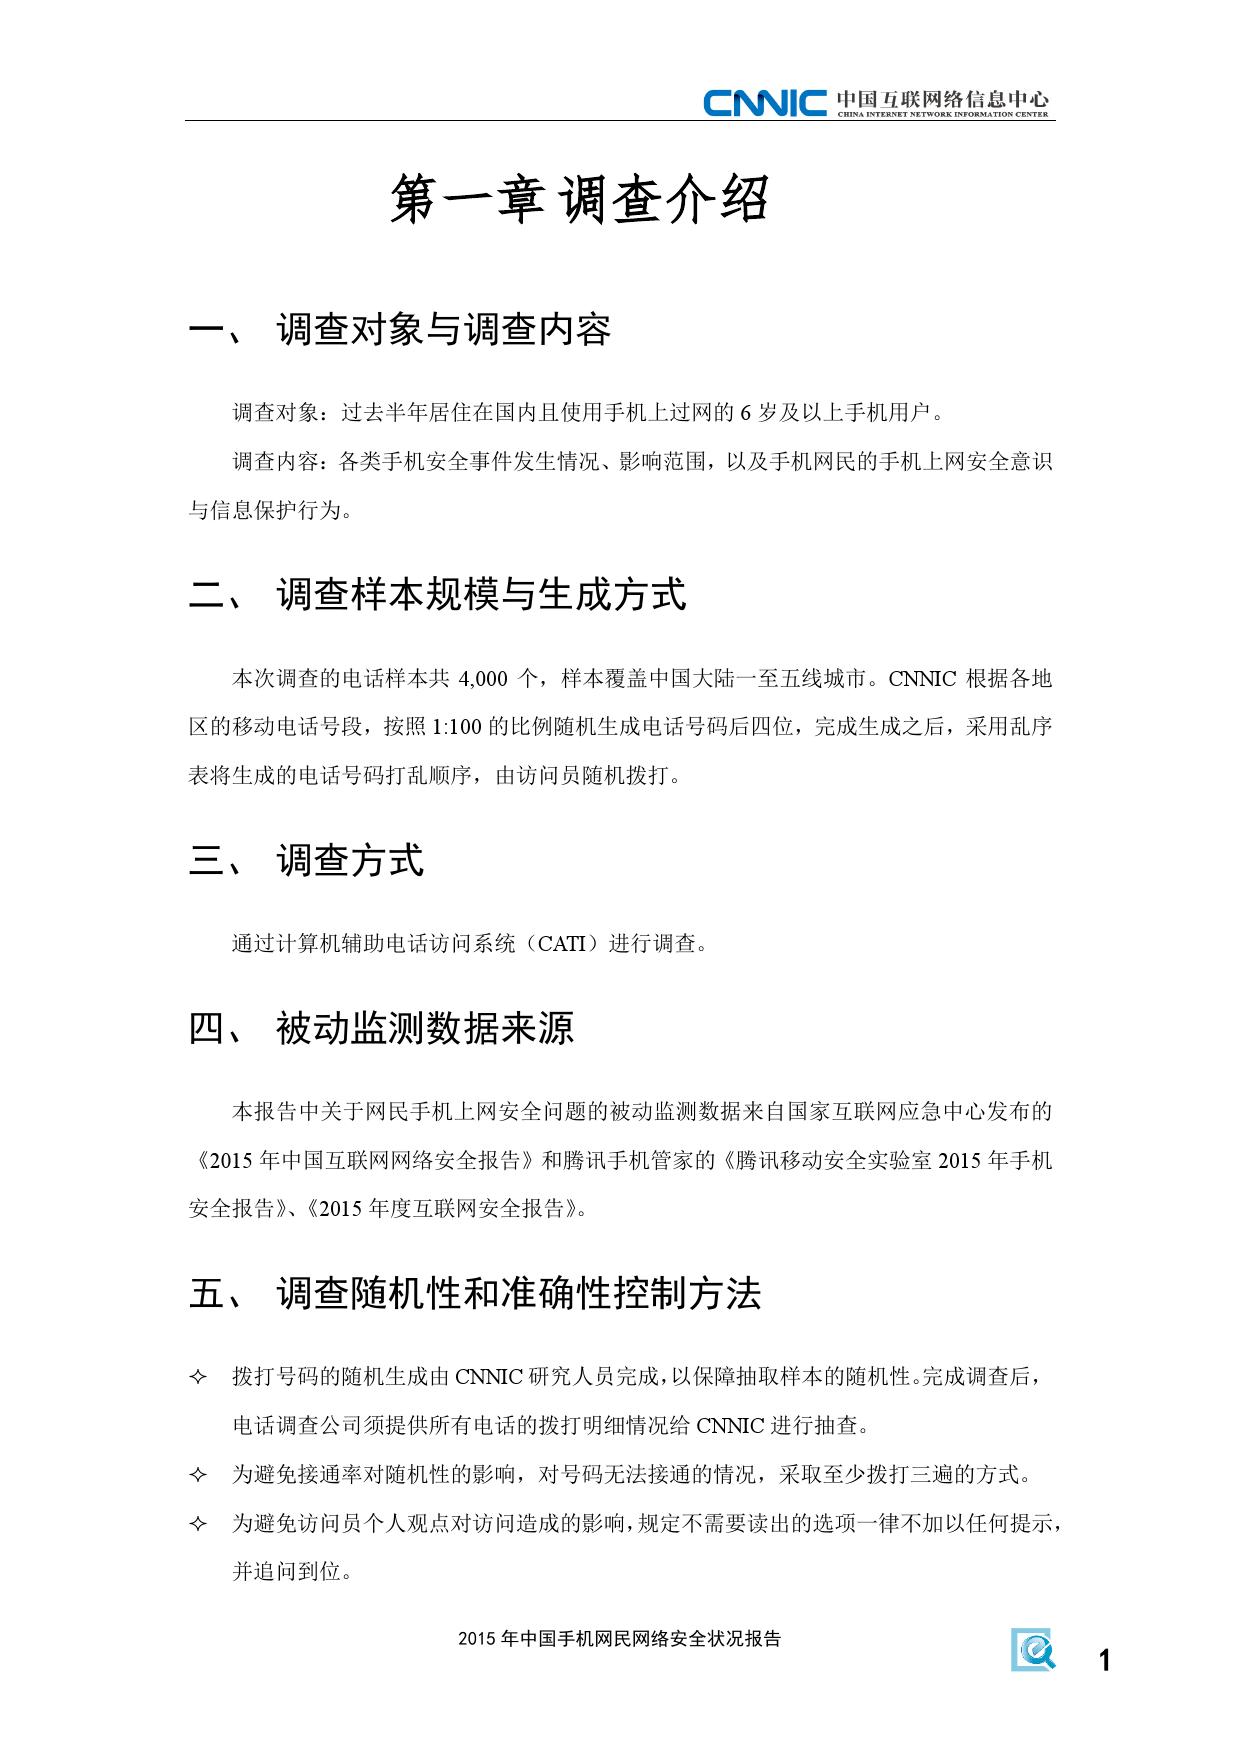 2015年中国手机网民网络安全状况报告_000007